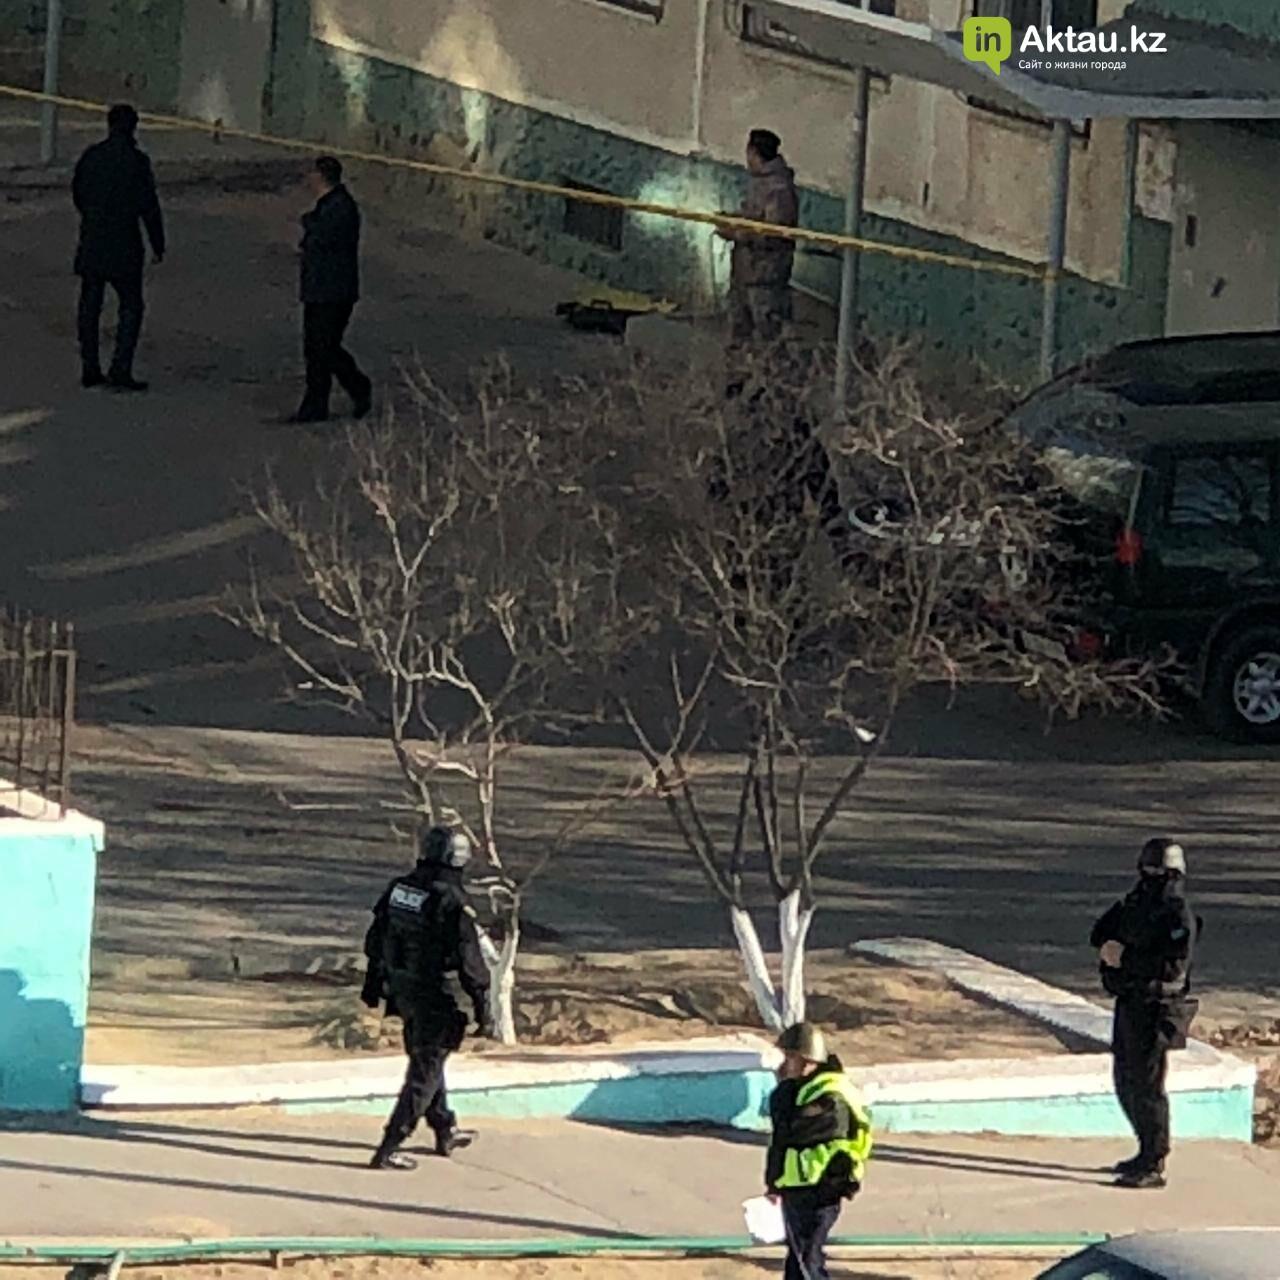 Черный чемодан встревожил жильцов пятиэтажки в Актау, фото-2